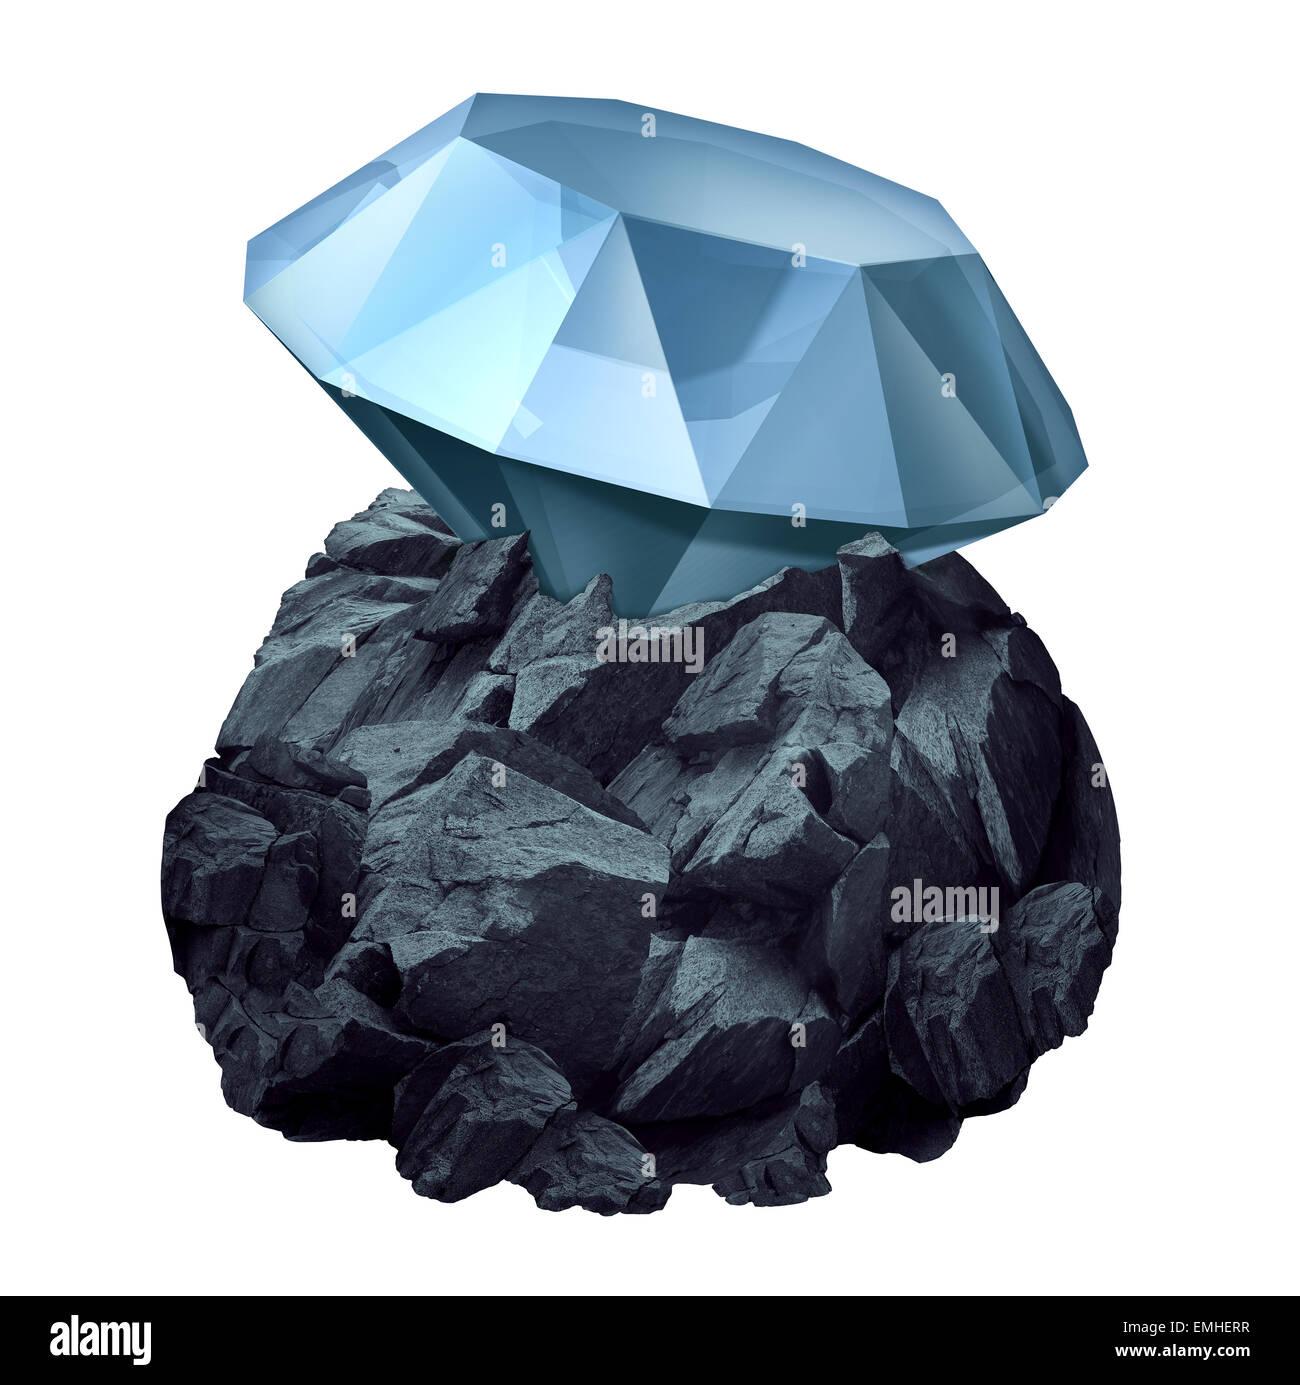 Diamond In The Rough als ein glänzendes Juwel versteckt in einem Stück von schroffen Felsen als Geschäft Stockbild